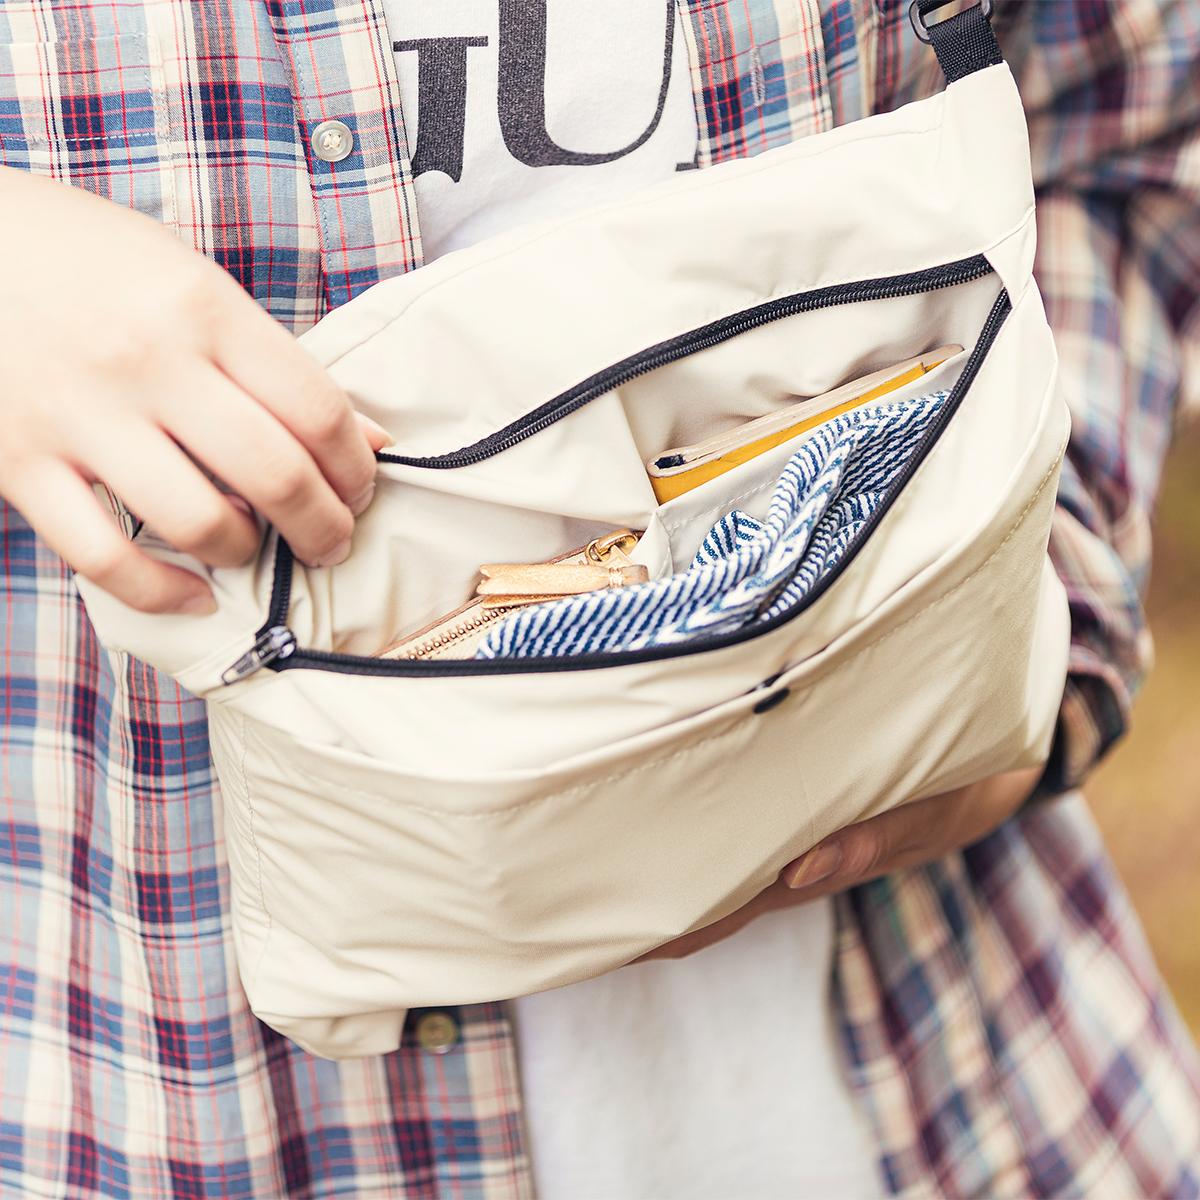 サコッシュに入れた荷物は、入れ替えせずにそのままパーカーへと簡単スイッチができる「バッグ一体型パーカー」| SANYO ENJIN